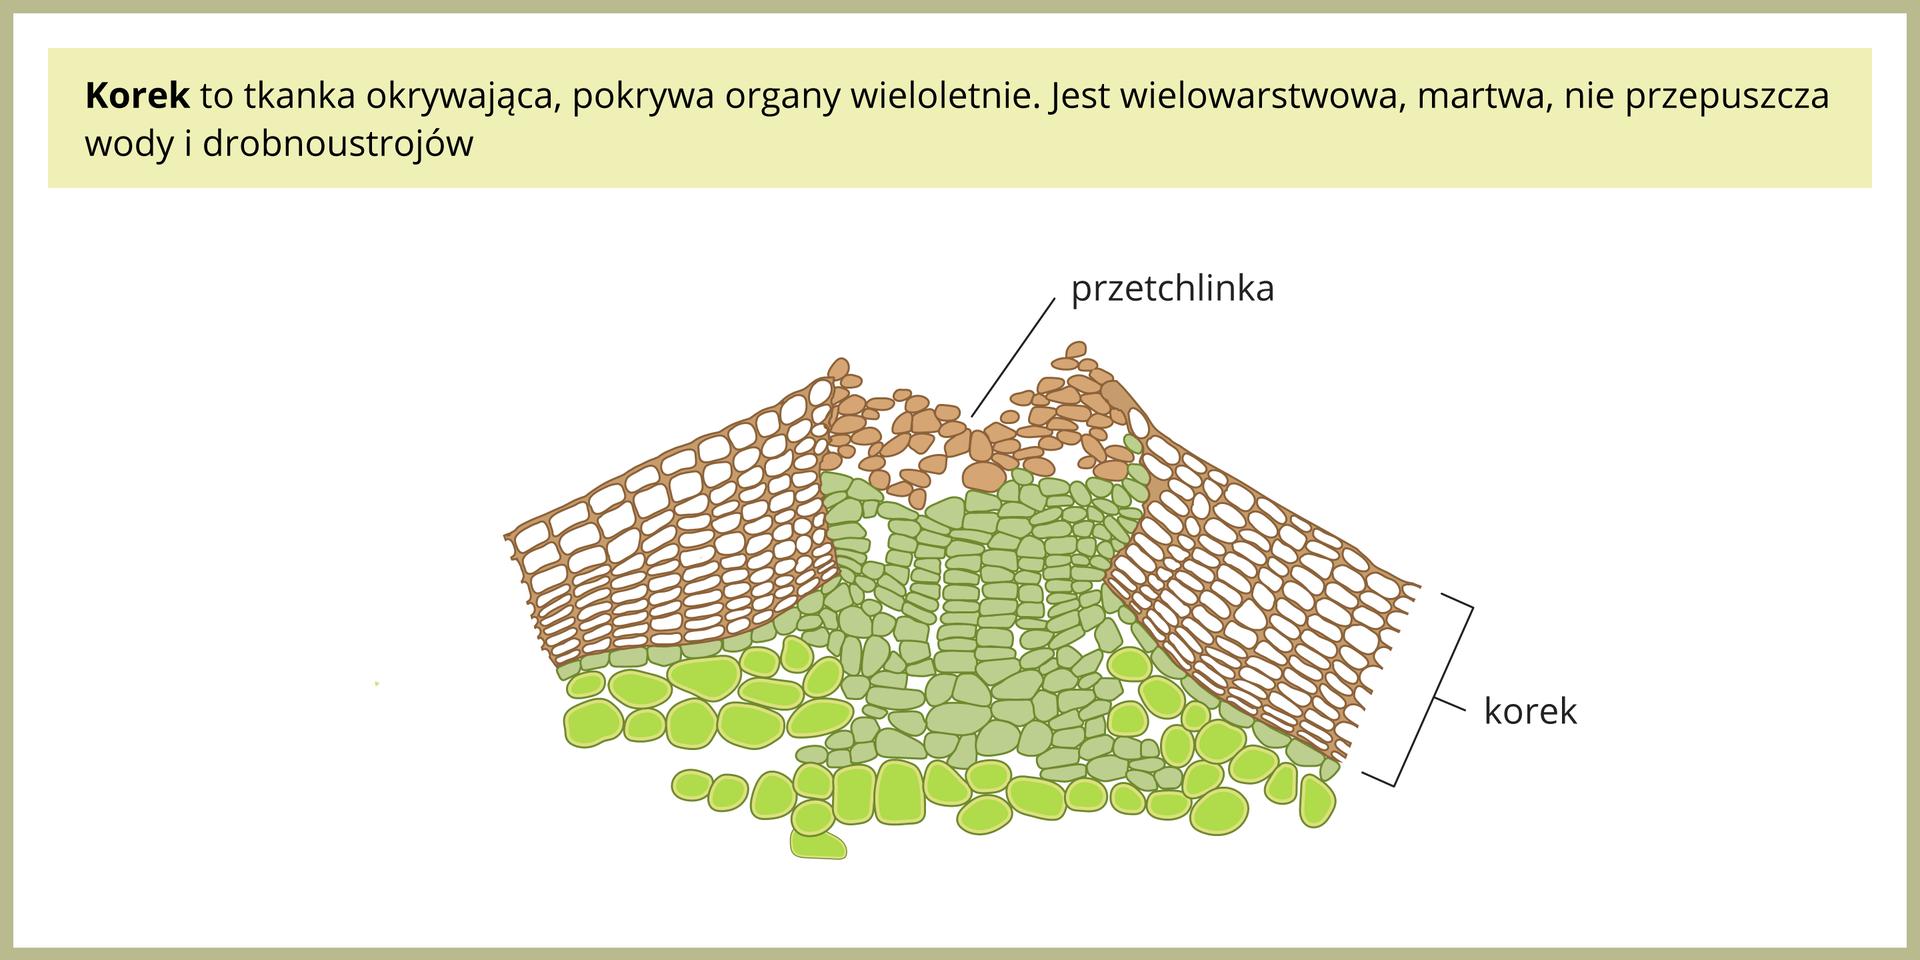 Ilustracja przedstawia budowę wewnętrzną tkanki korkowej.